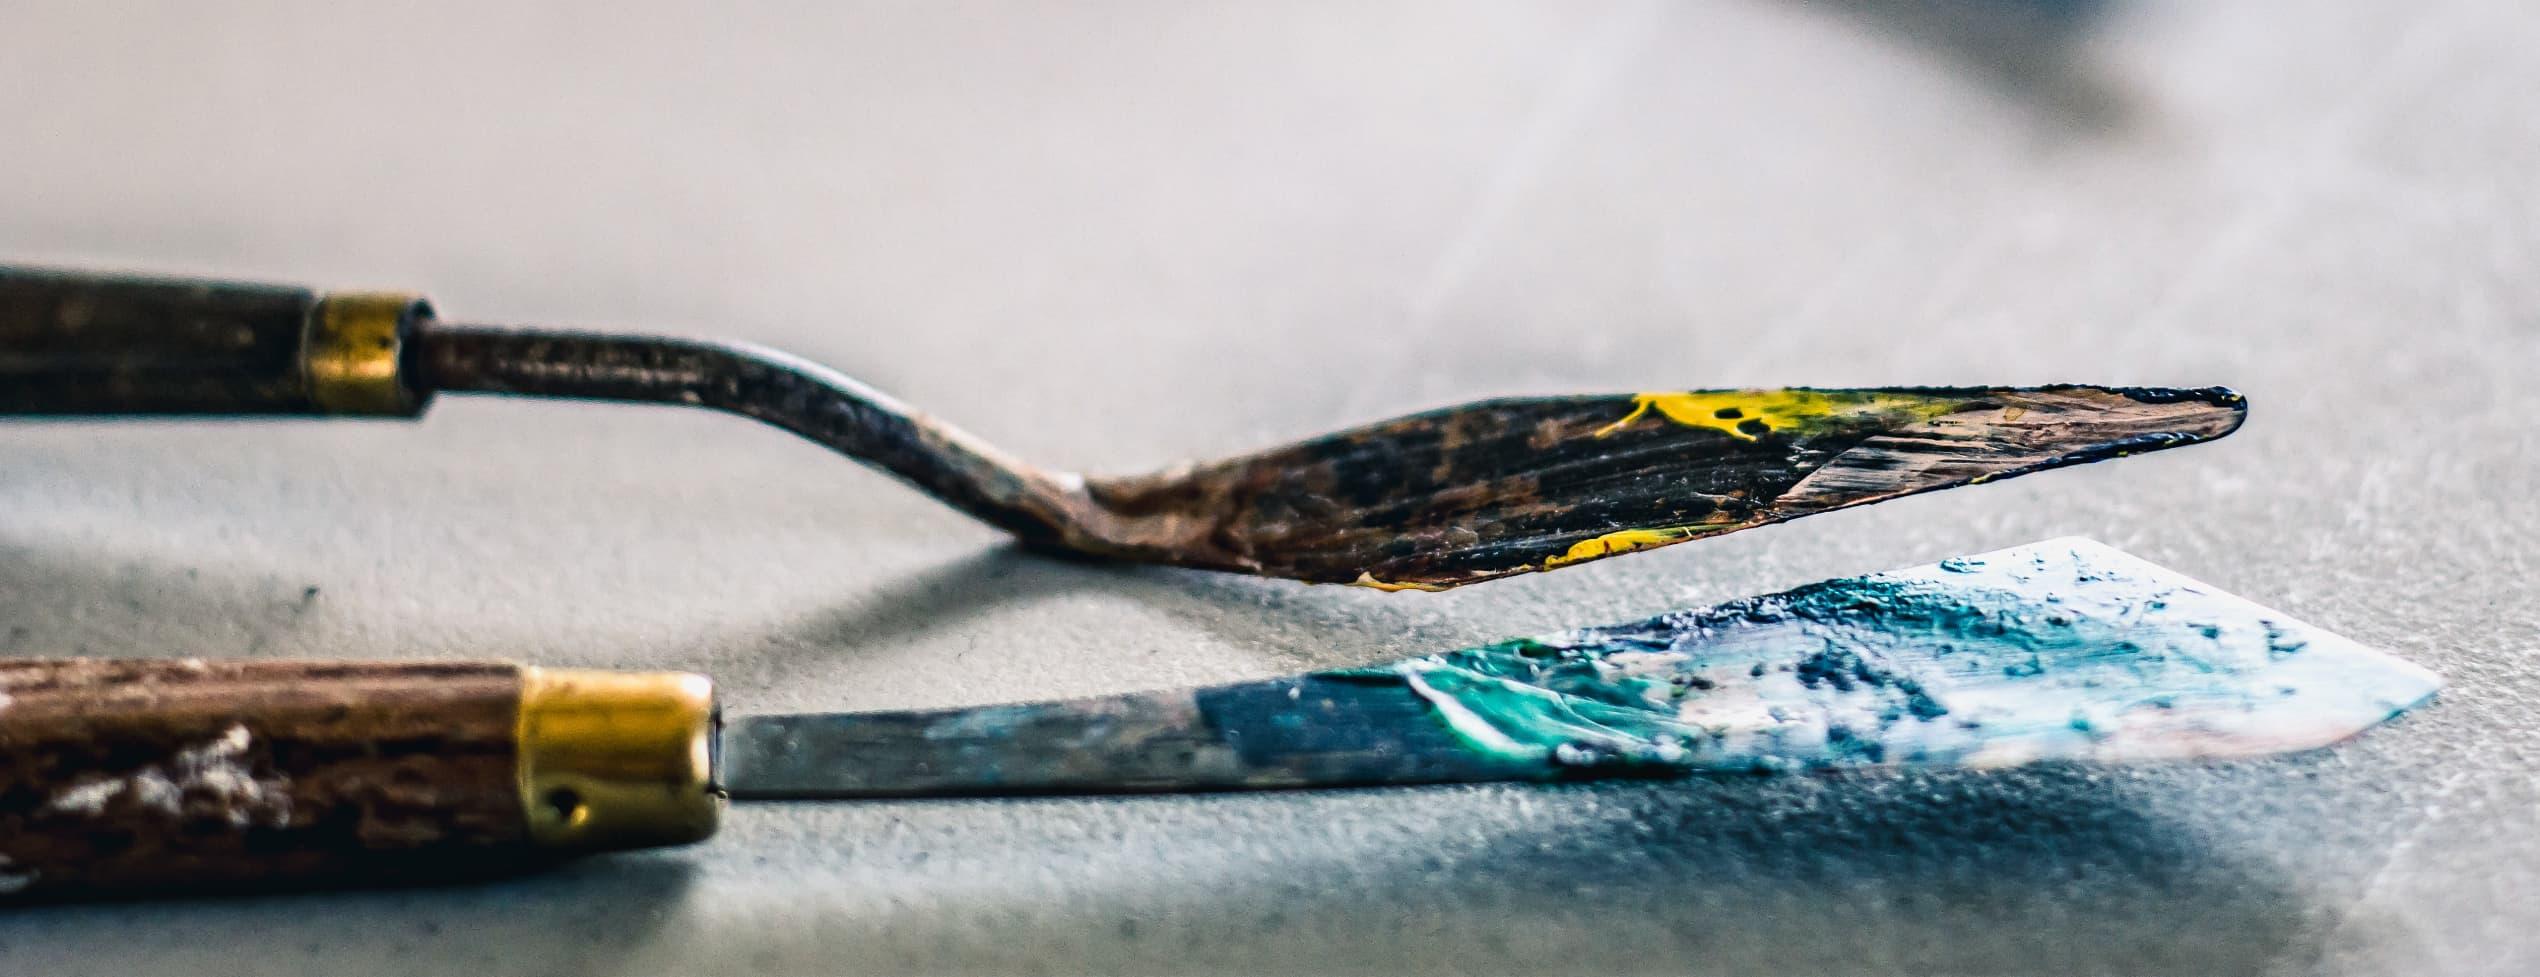 Palettkniv och planeter - lär dig måla abstrakt